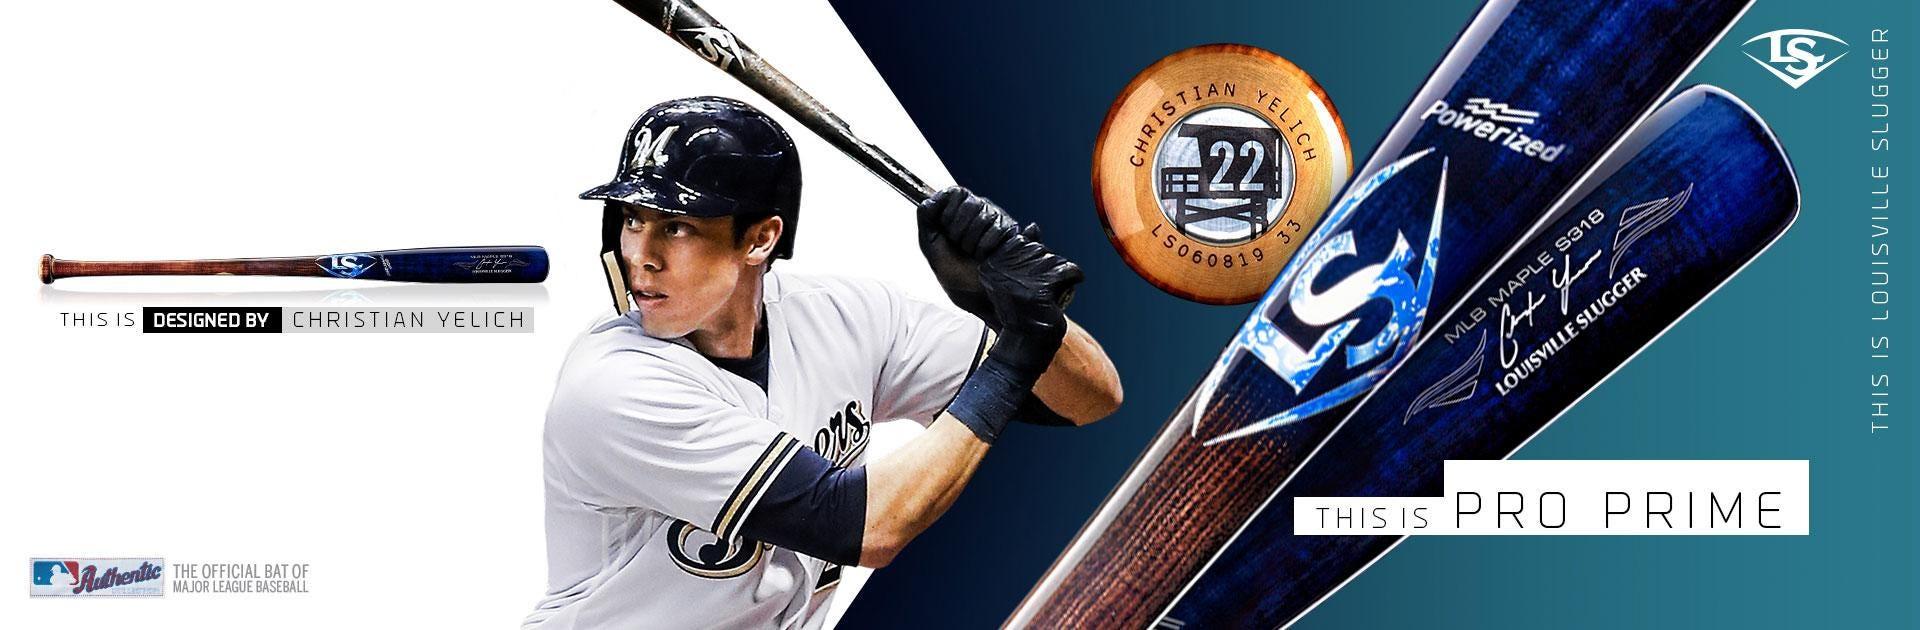 MLB Pro Prime S318 Christian Yelich Game Model Baseball Bat